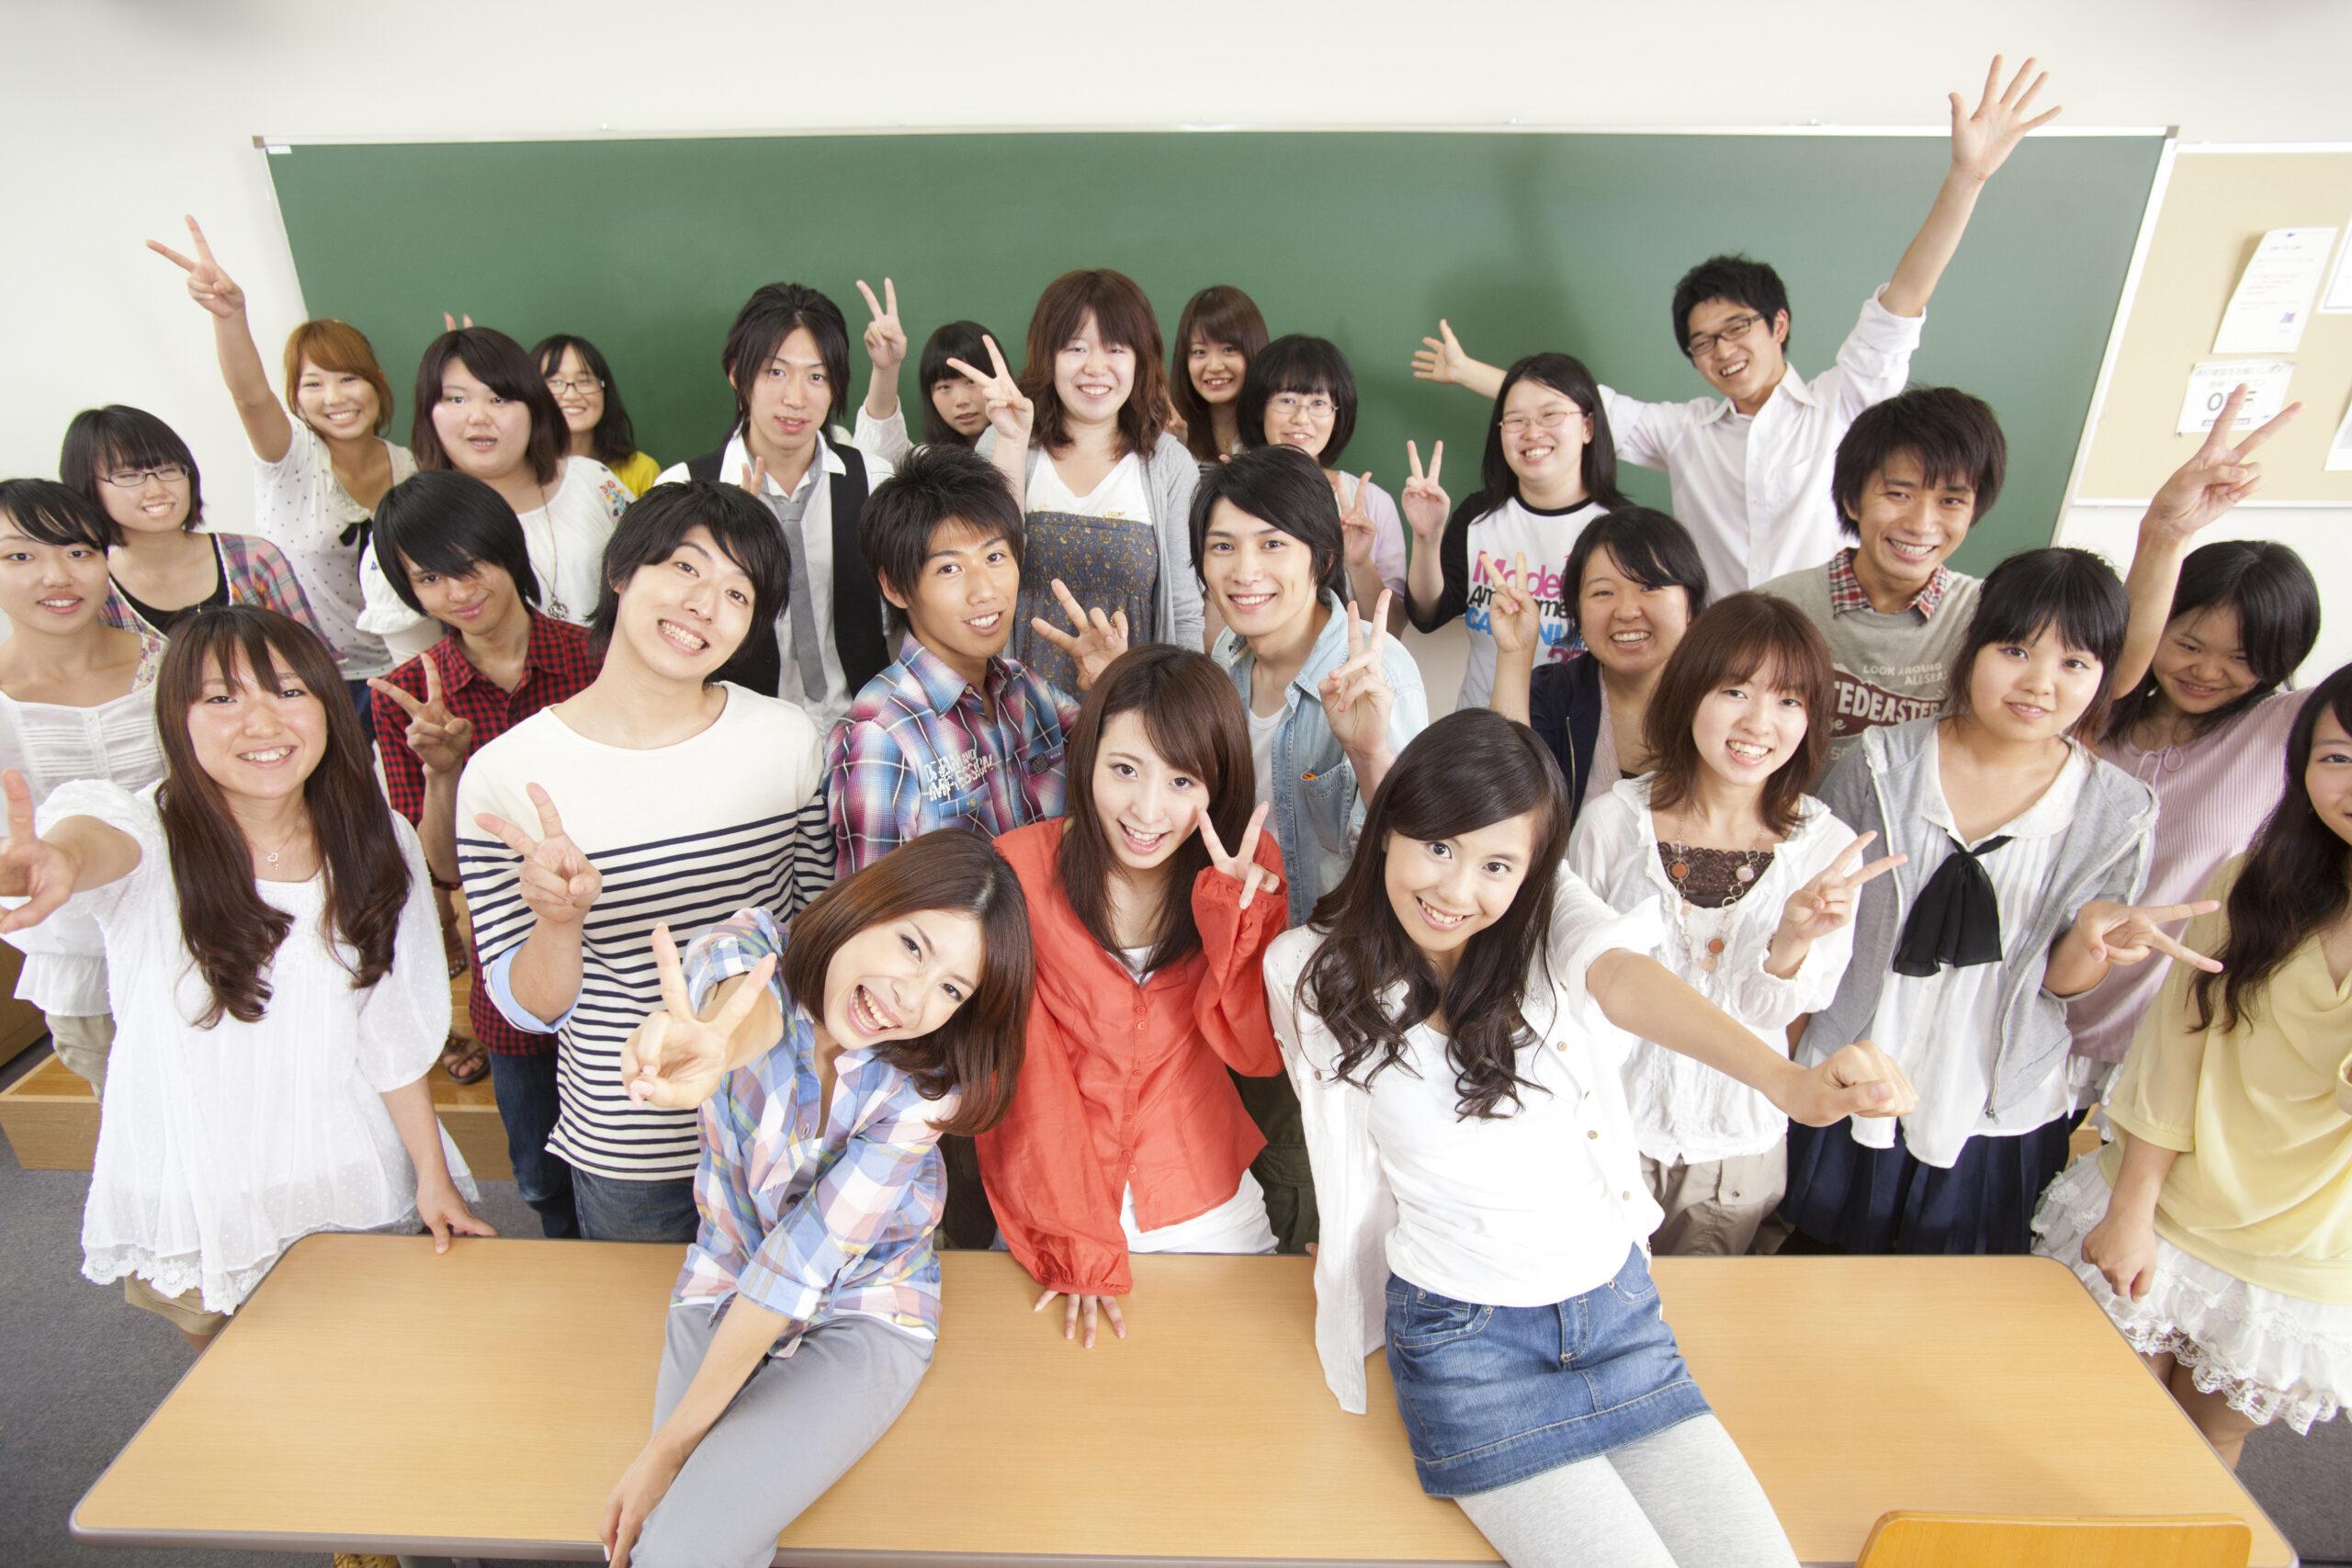 バラ写真 PRO 600dpiコース 学生時代 写真 デジタル化